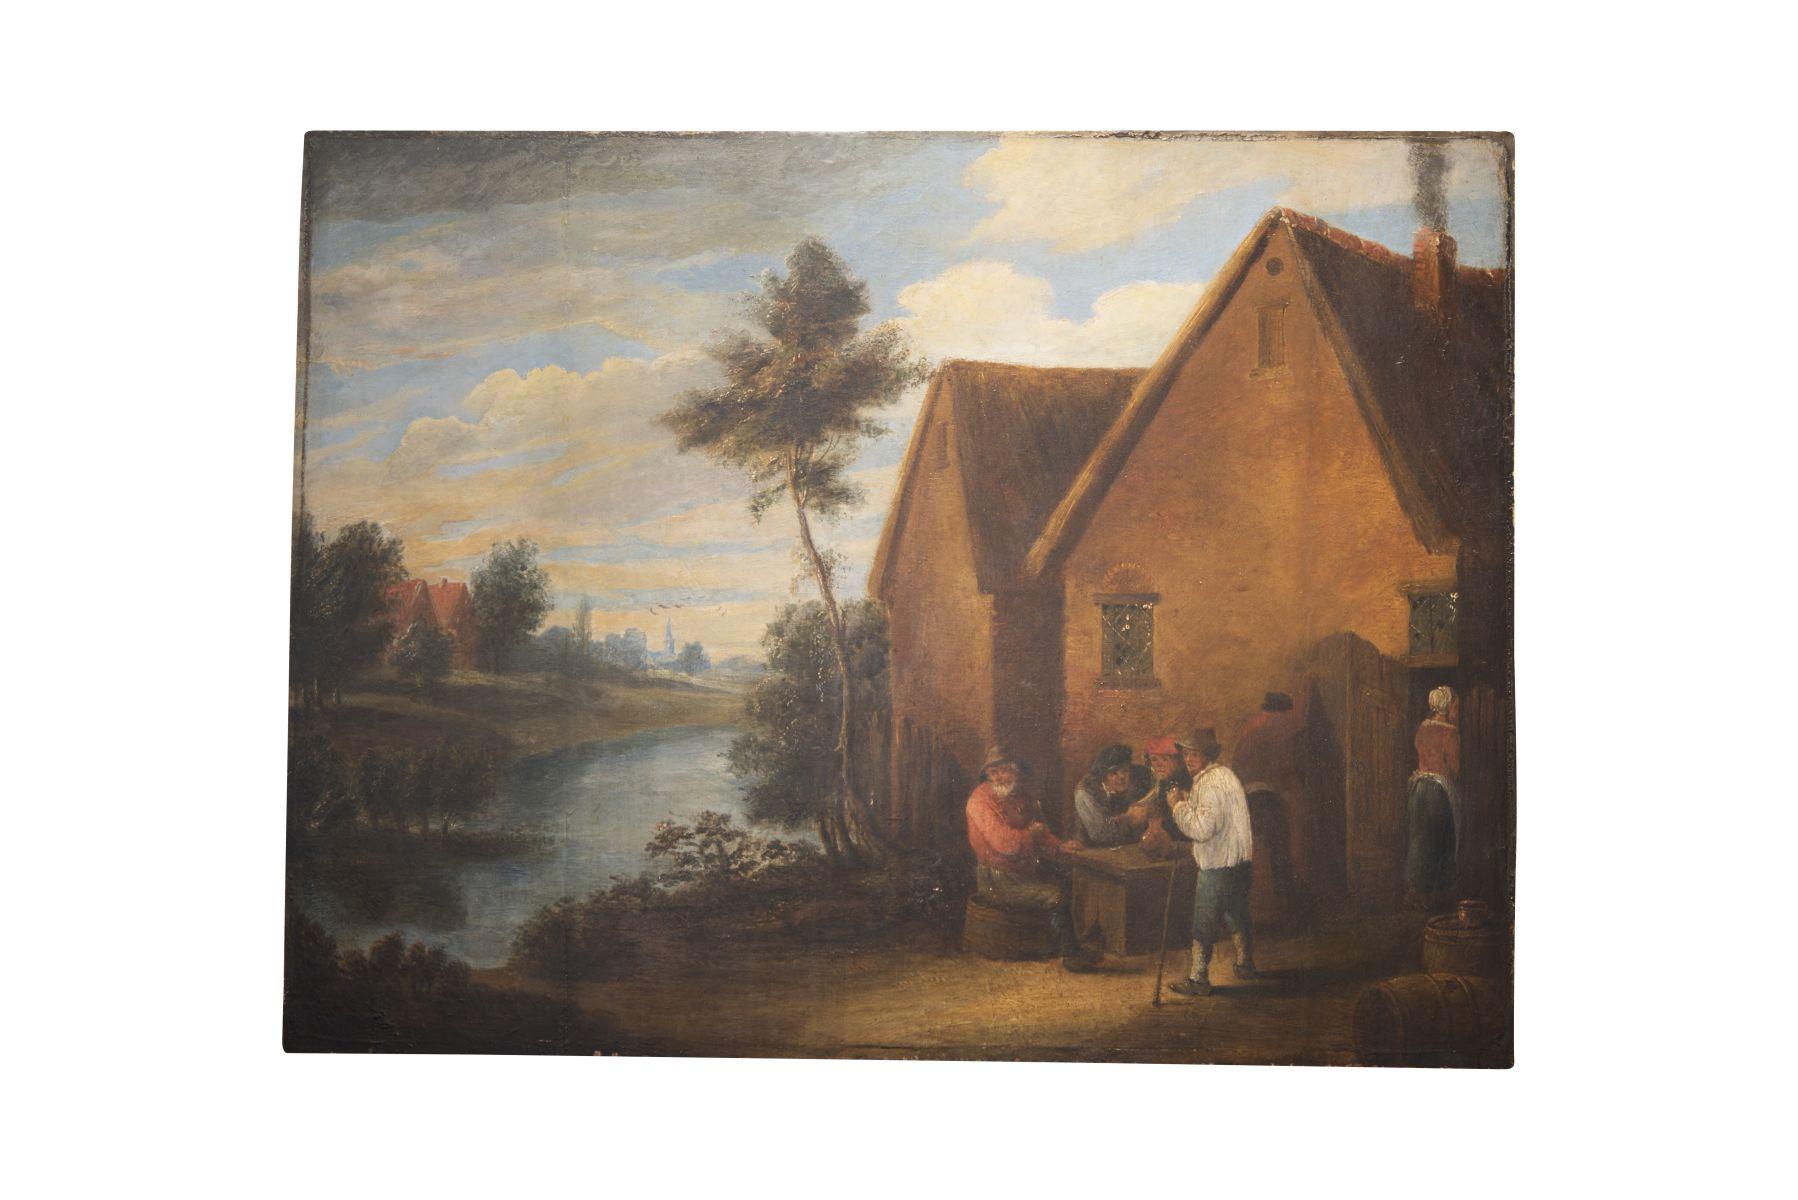 #118 In Front of the Tavern, 19th C.   Vor der Schenke, 19. Jh. Image